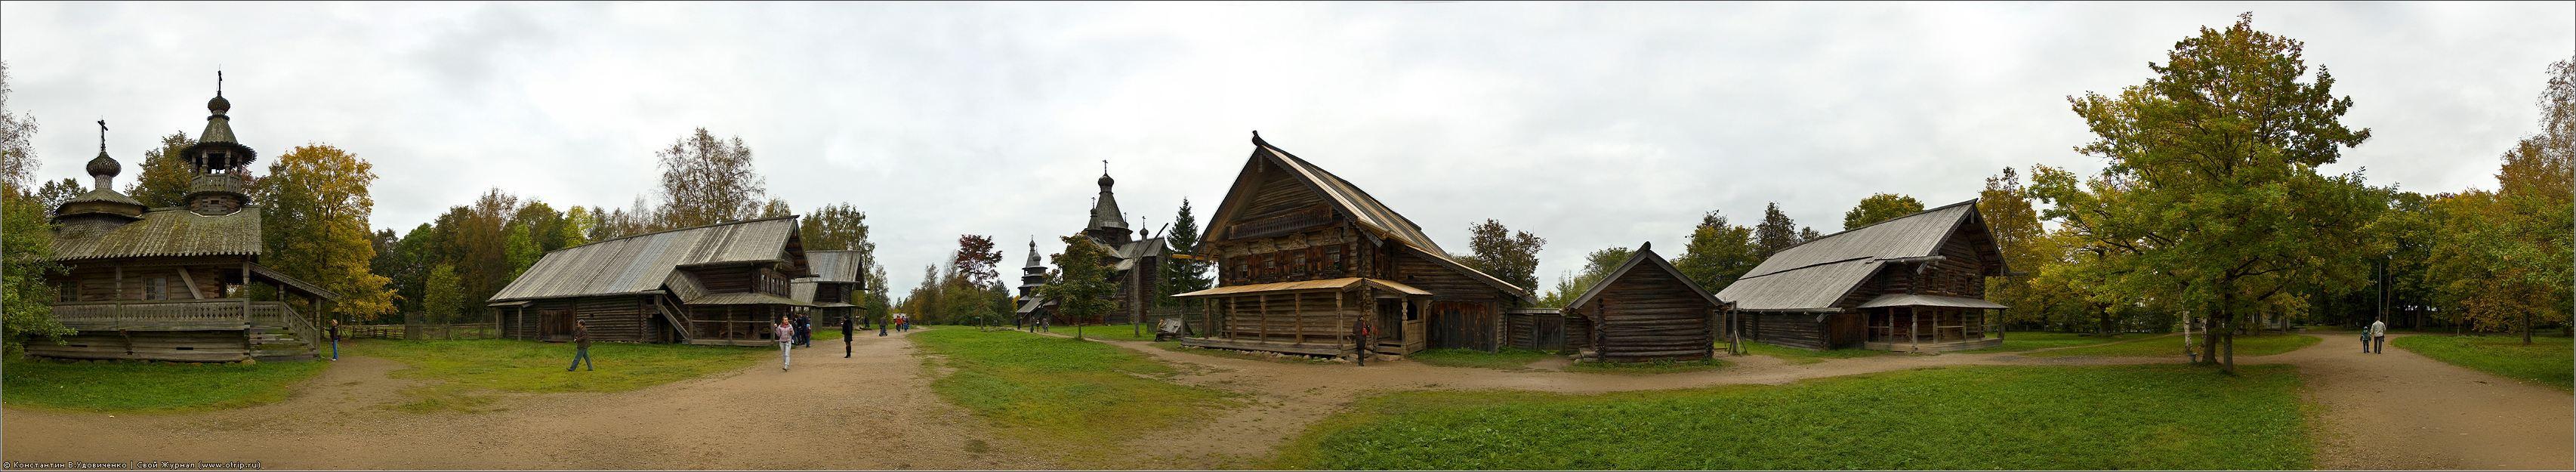 5553-15703x3154s_2.jpg - Великий Новгород (26-27.09.2009)